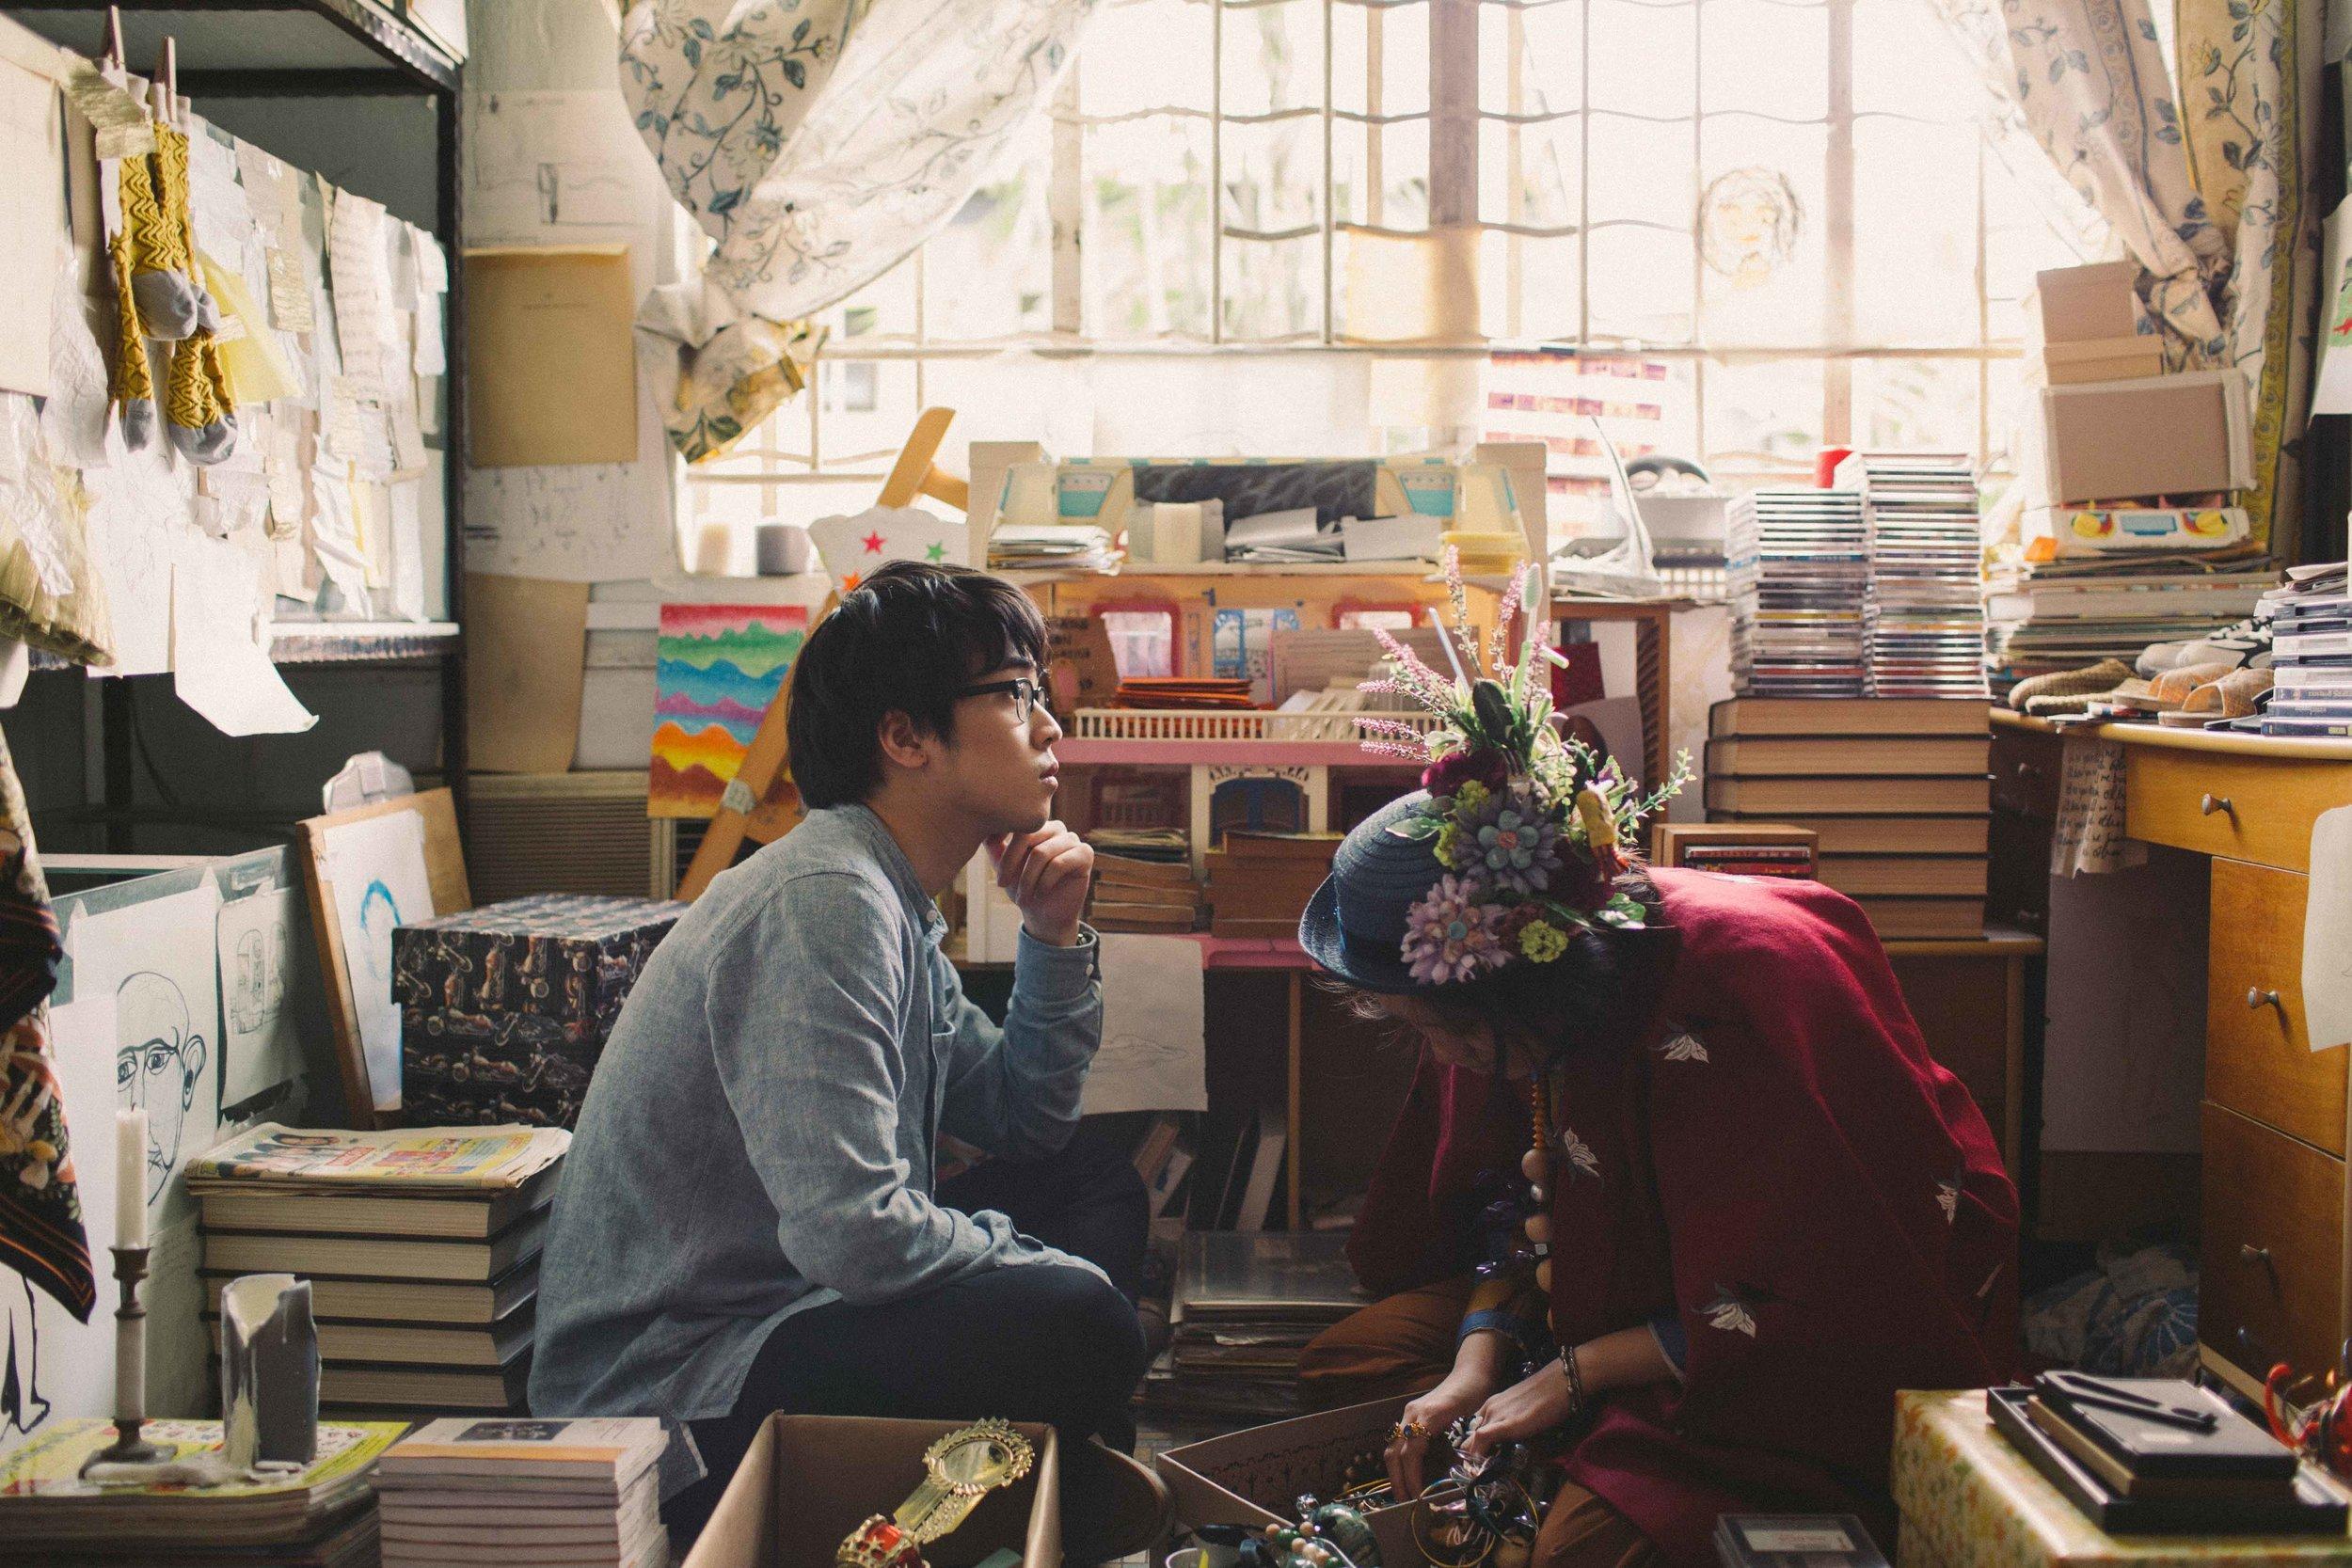 Charlie Lim - Light Breaks In | Costume Design